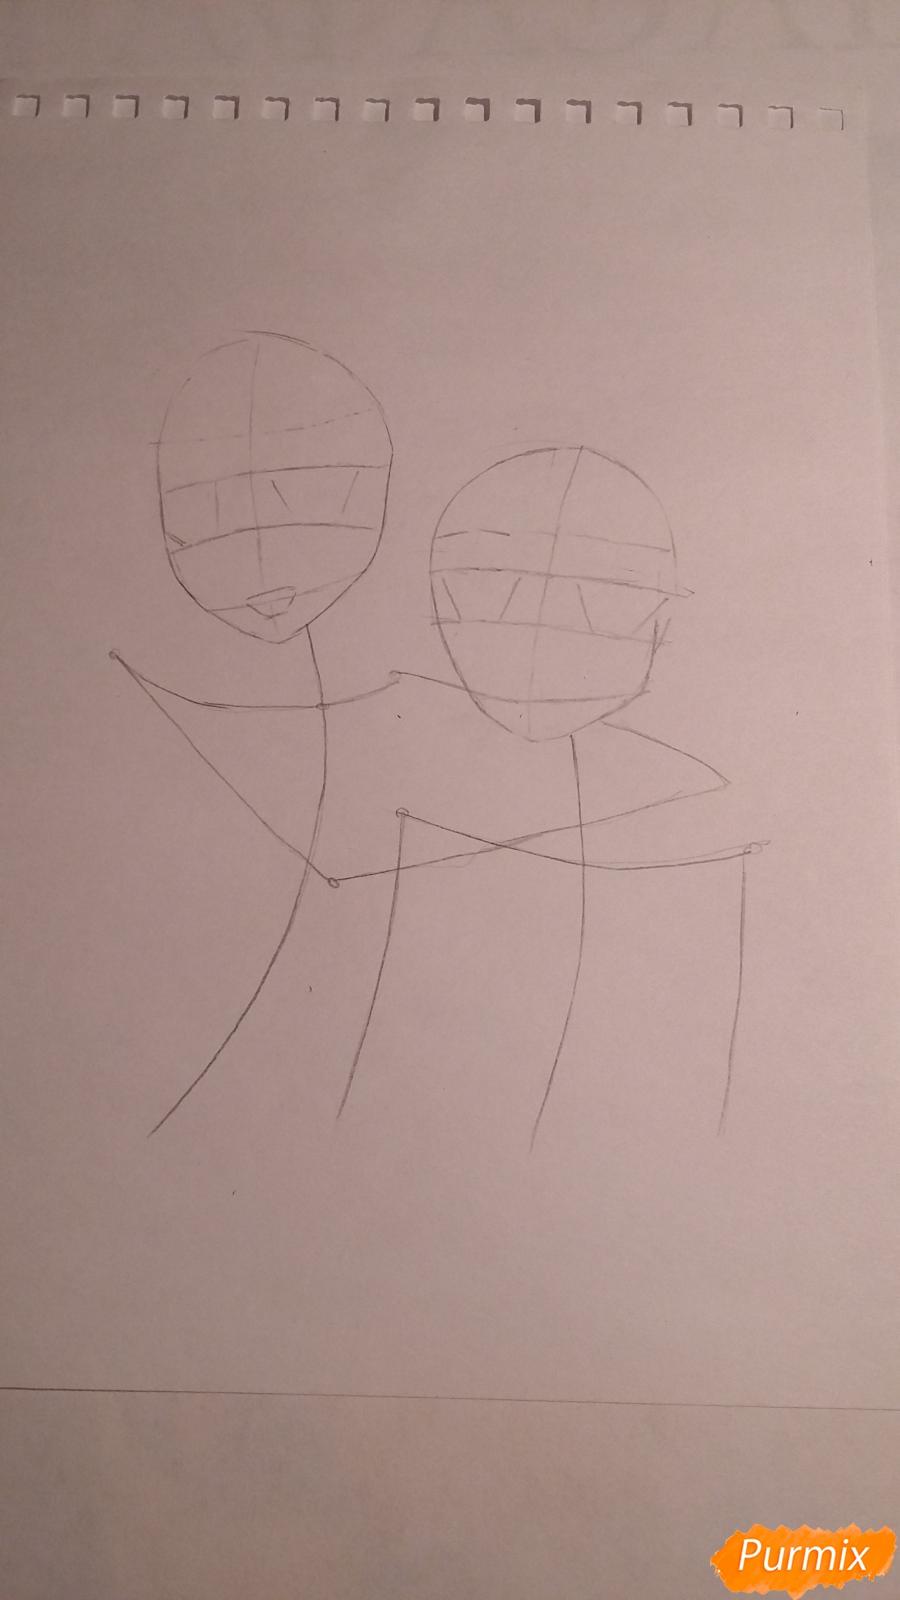 Рисуем двух девушек в аниме стиле - шаг 1